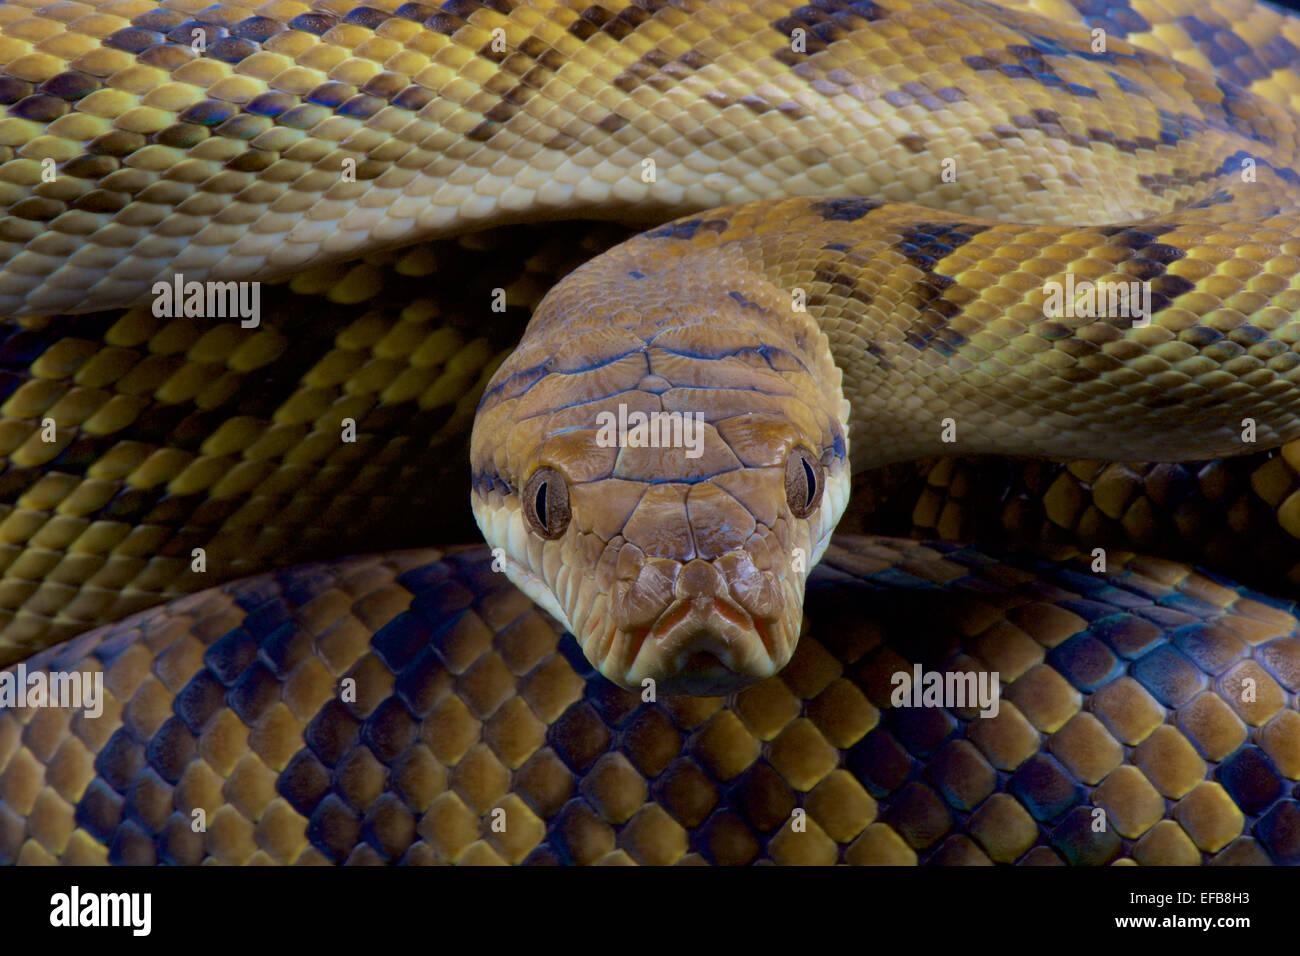 Australian scrub python / Morelia kinghorni - Stock Image